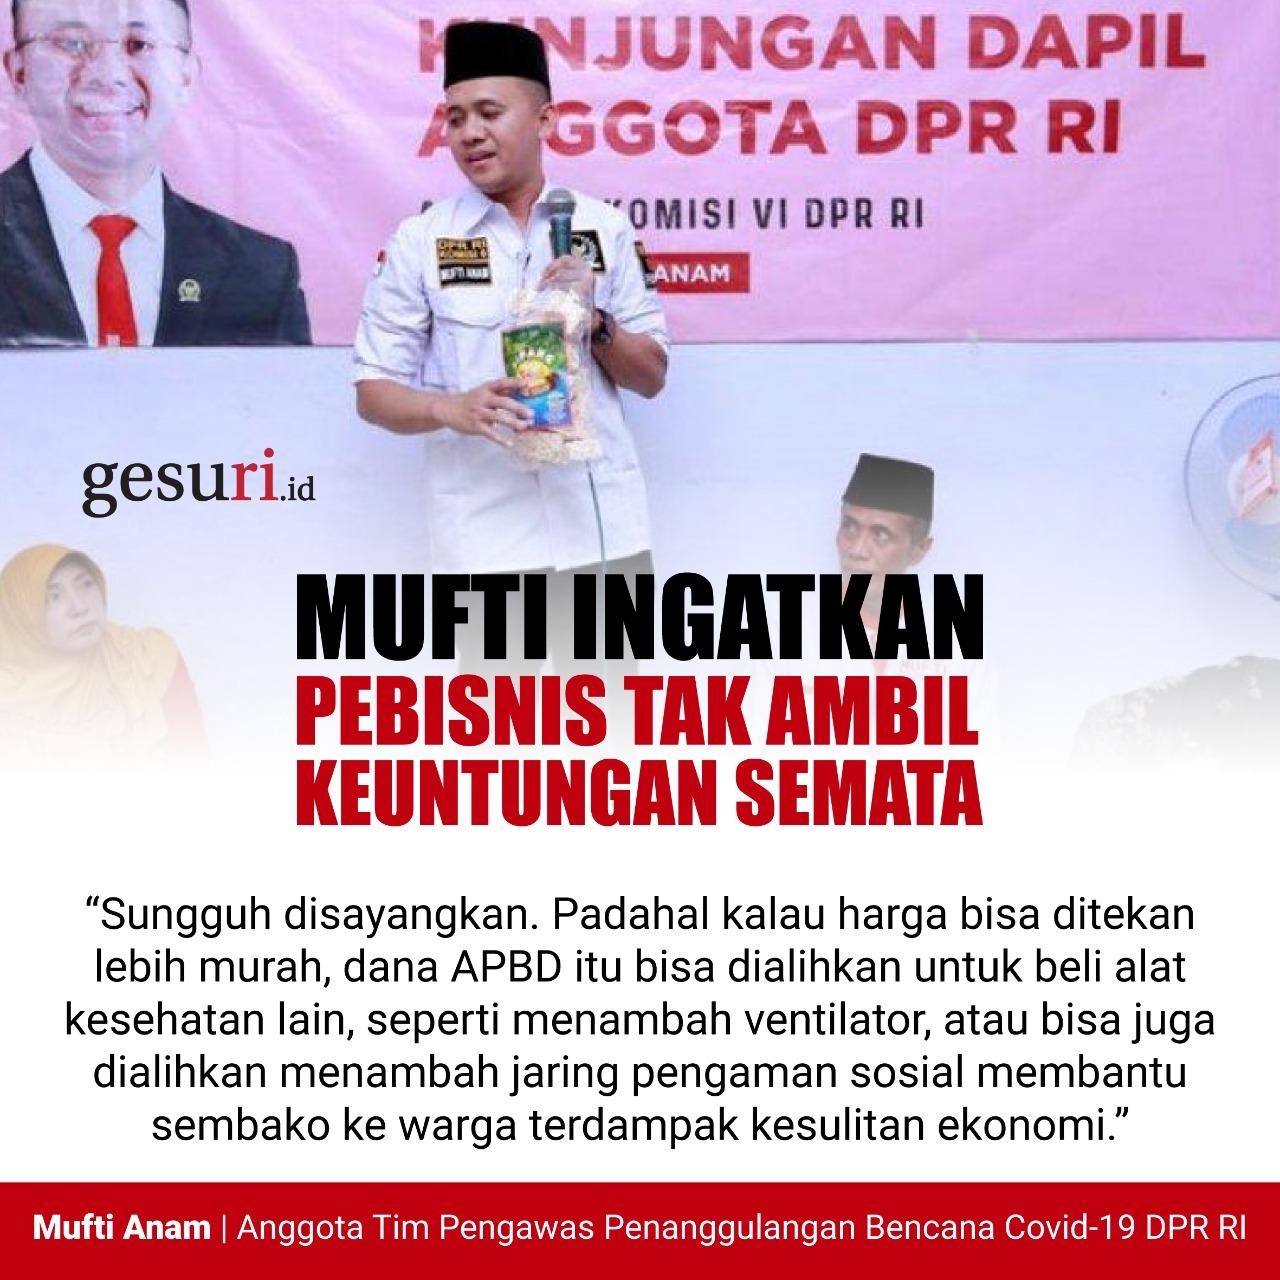 Mufti Ingatkan Pebisnis Tak Ambil Keuntungan Semata